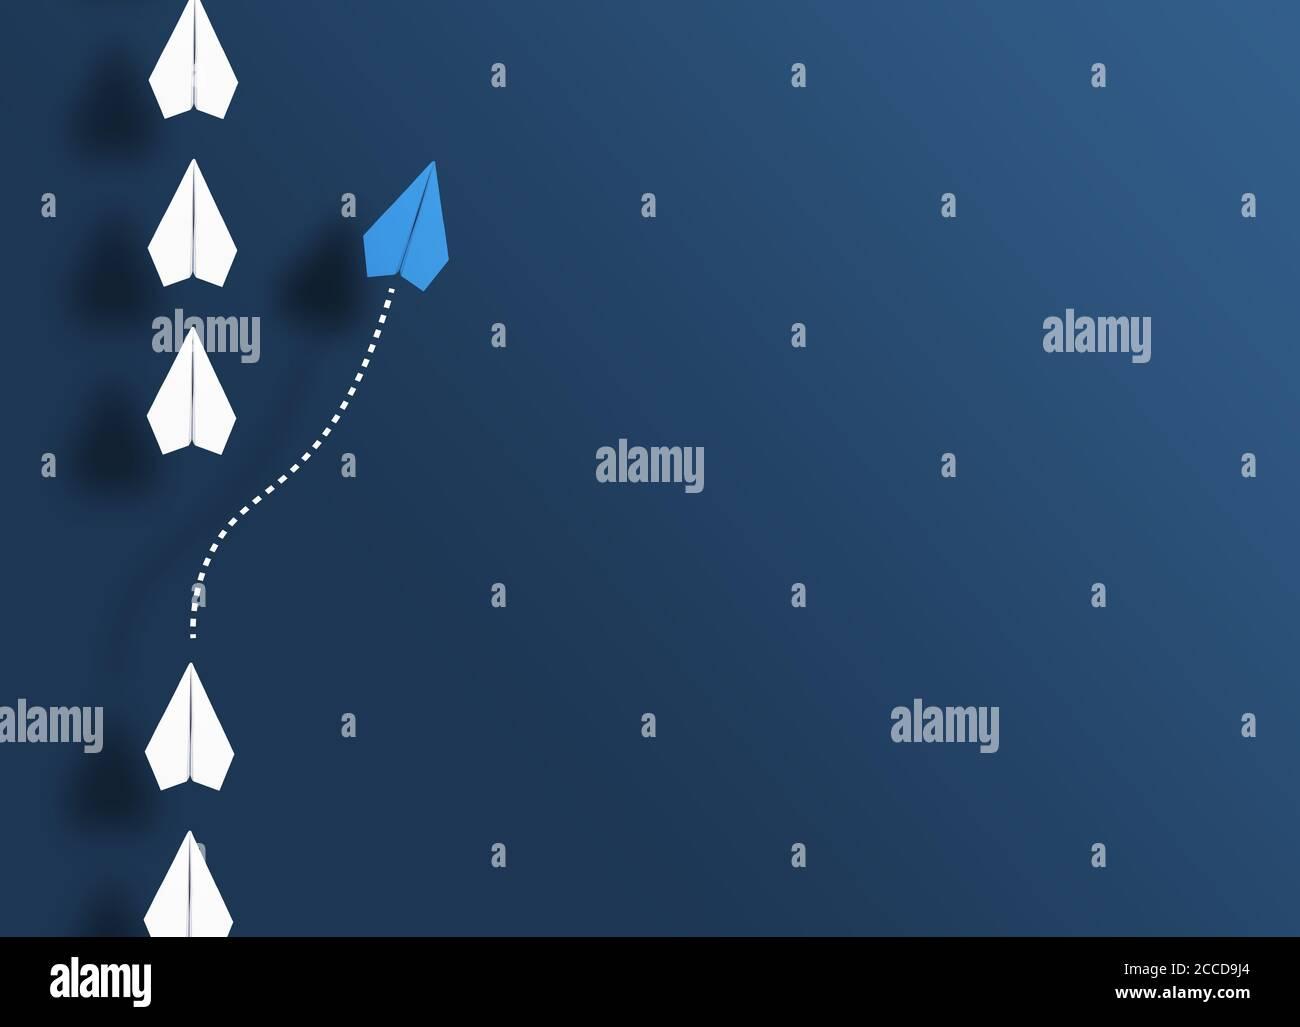 Papierflieger in einer Reihe auf blauem Hintergrund und ein Papiergleiter, der in eine andere Richtung geht, neue Wege begeht und aus dem Linienkonzept herauskommt Stockfoto